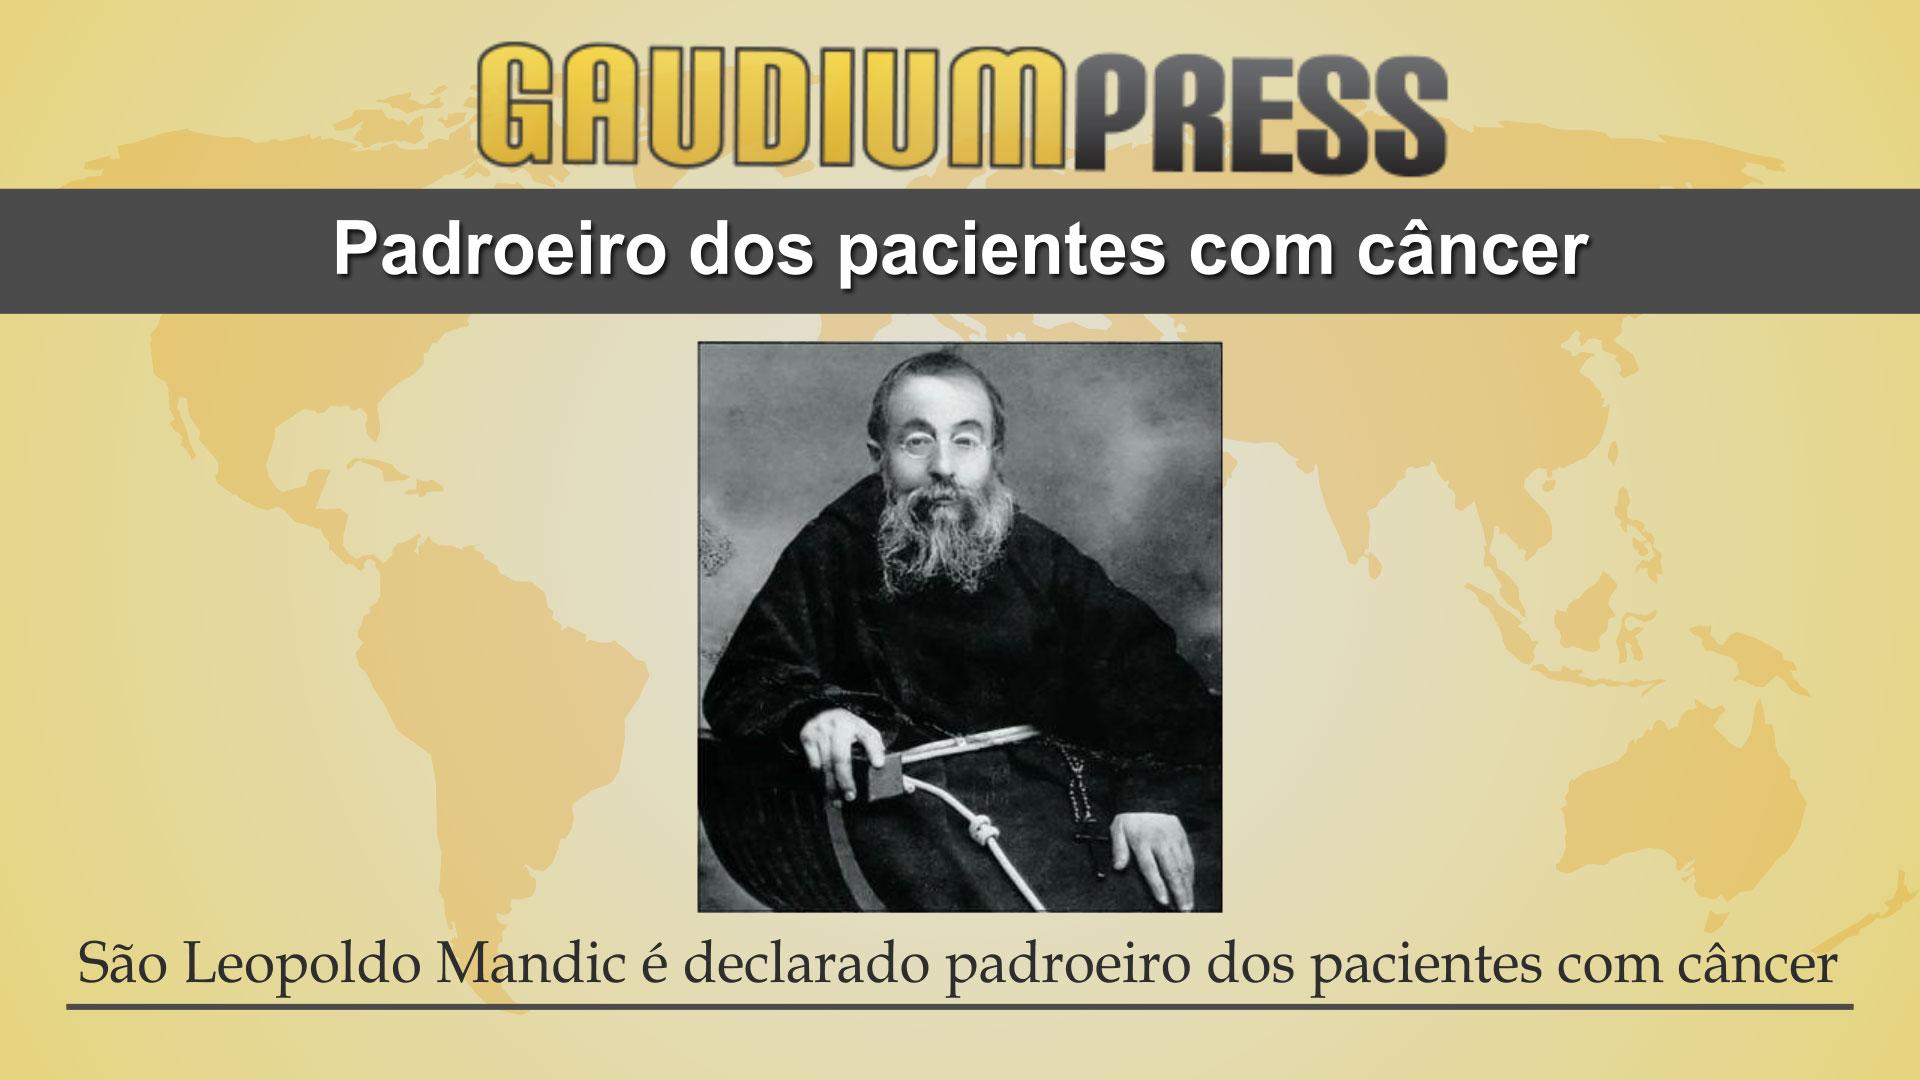 São Leopoldo Mandic é declarado padroeiro dos pacientes com câncer - Gaudium Press